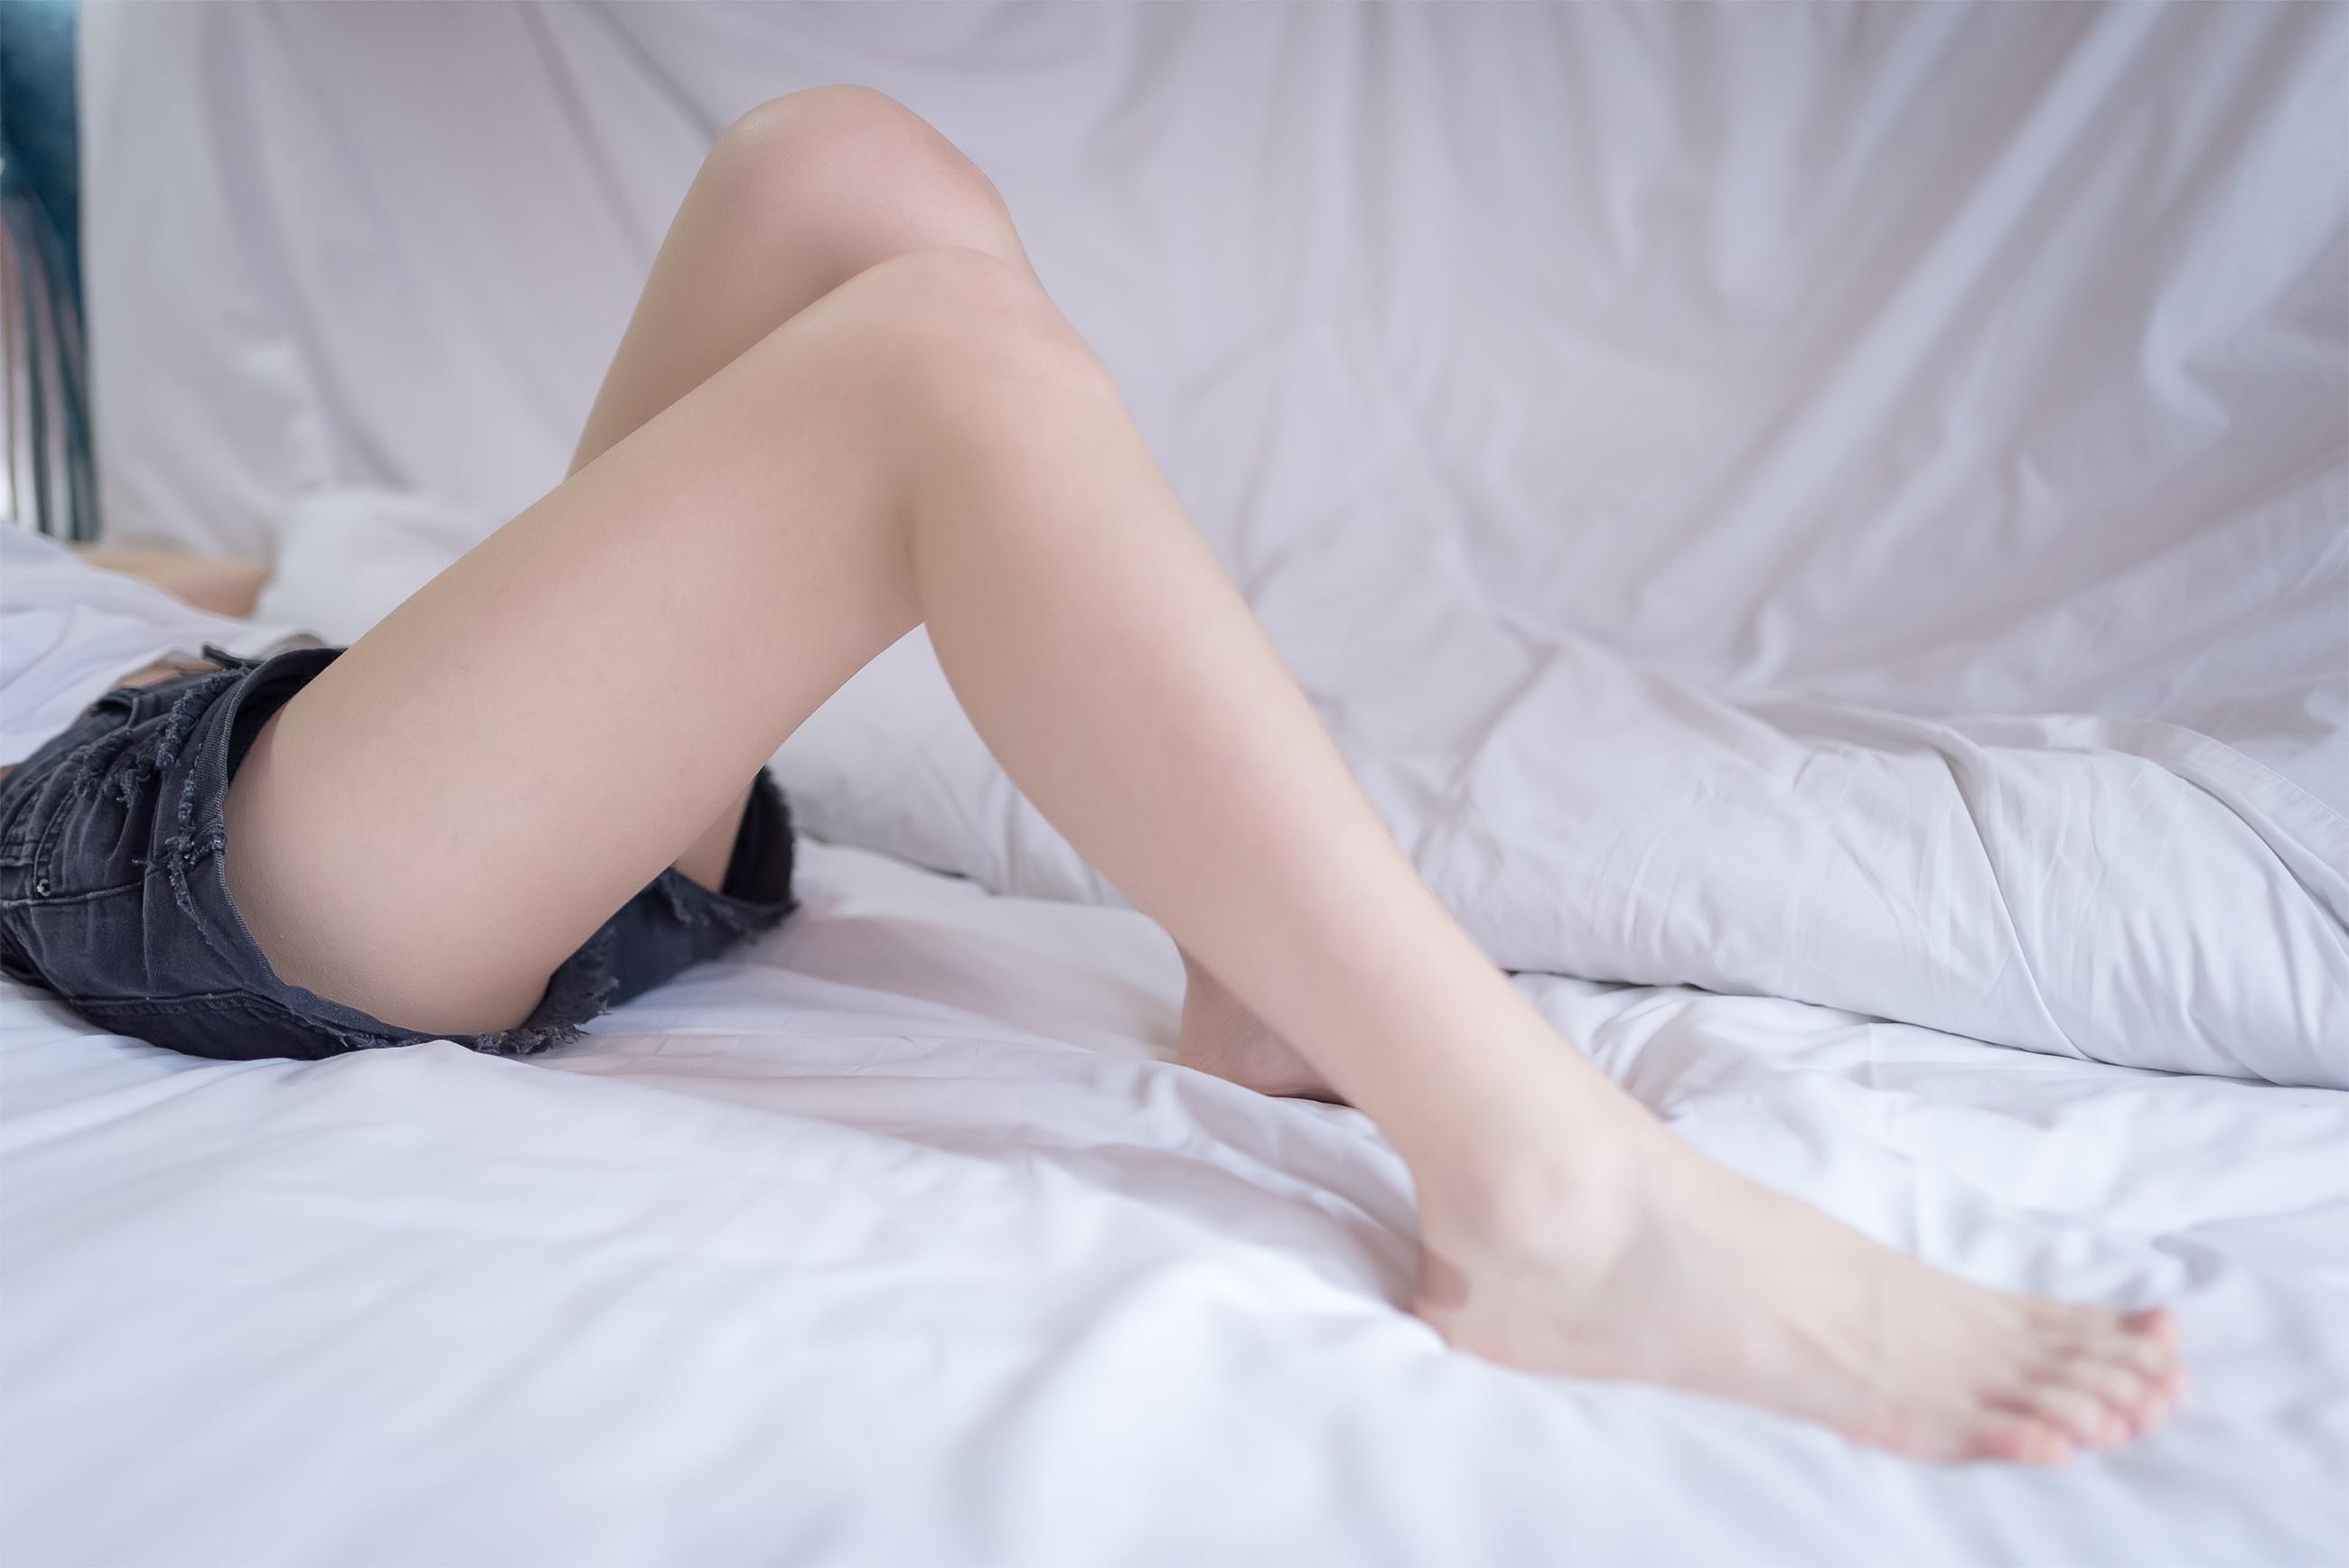 【兔玩映画】果腿少女 兔玩映画 第23张